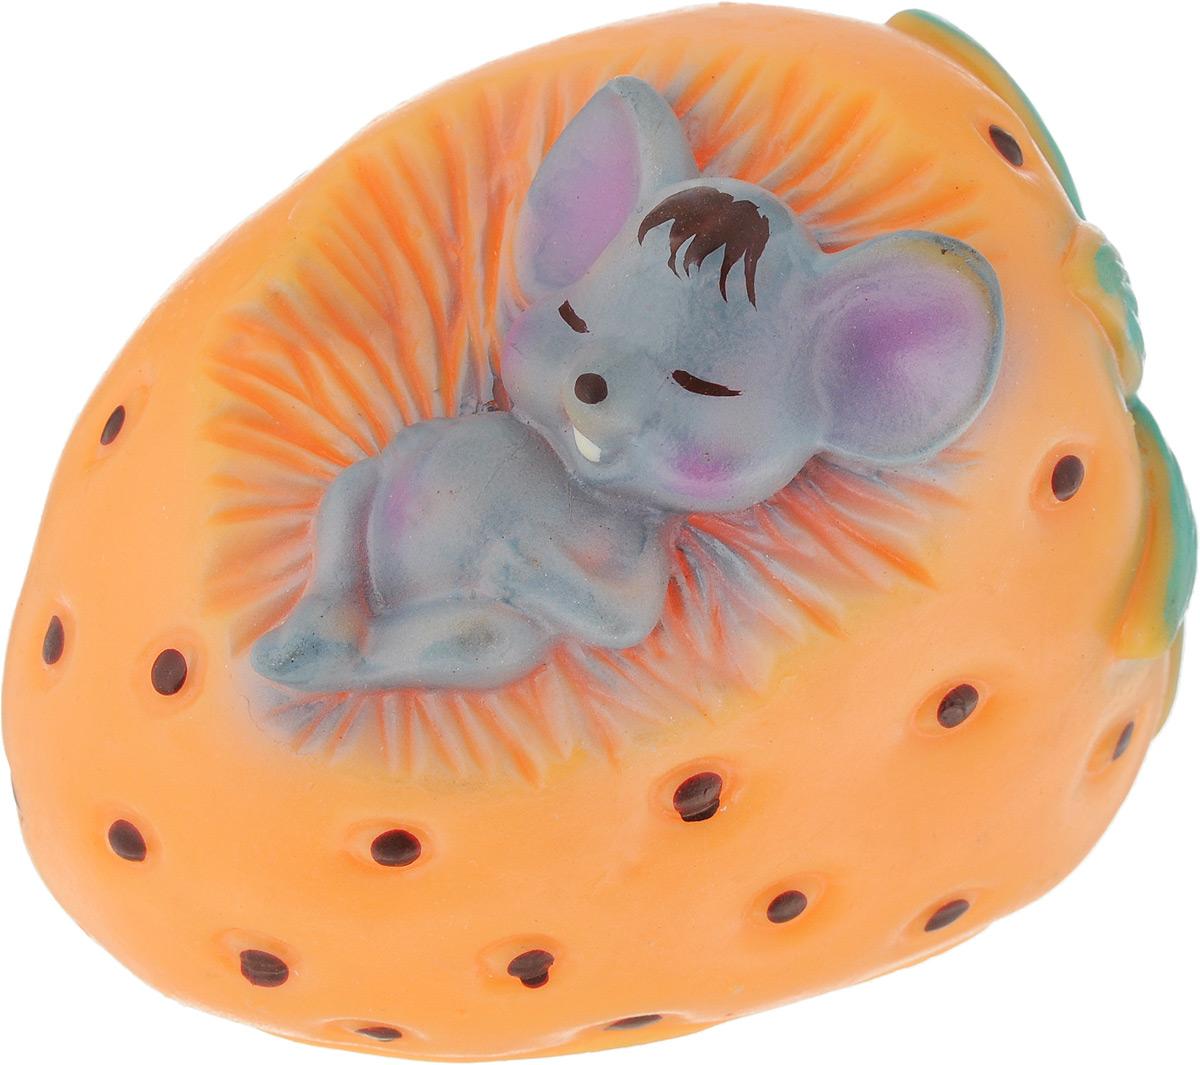 Игрушка для собак Зооник Мышь в клубнике, цвет: оранжевый, серый, зеленый, 7,5 х 10 х 11 см0120710Игрушка для собак Зооник Мышь в клубнике, выполненная из резины, отличается оригинальным дизайном. Высококачественный материал игрушки поможет ей прослужить дольше. Рельефная поверхность игрушки массирует десны, что способствует профилактике заболеваний полости рта. Игрушка оснащена пищалкой, что вызовет дополнительный интерес вашего питомца. Такая игрушка порадует вашего любимца, а вам доставит массу приятных эмоций, ведь наблюдать за игрой всегда интересно и приятно. Размер игрушки: 7,5 х 10 х 11 см.